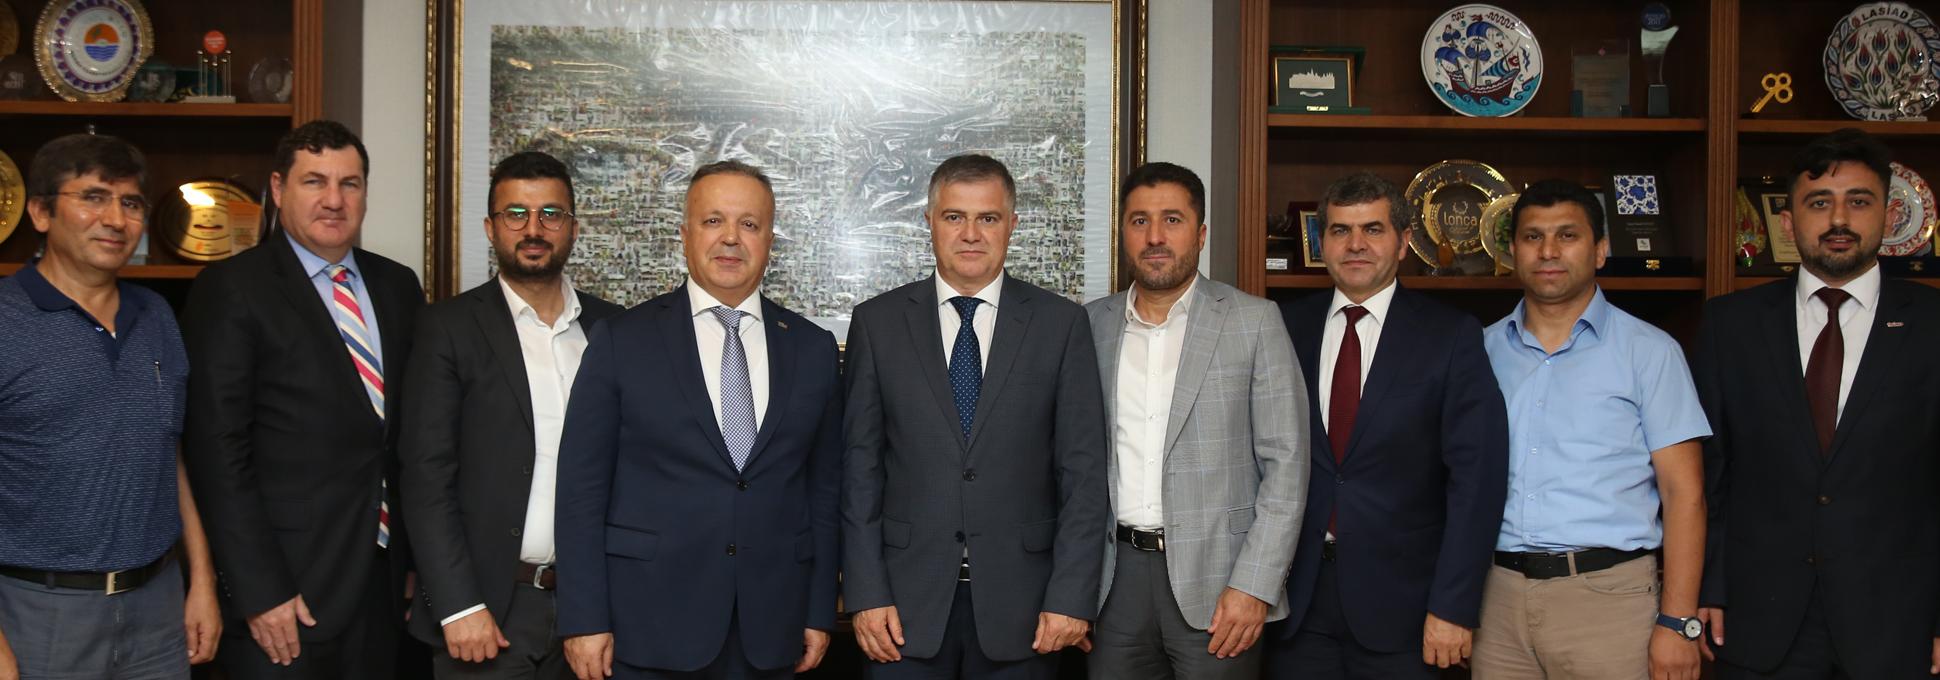 TİM-Türkiye İhracatçılar Meclisi Başkanı İsmail Gülle'yi ziyaret ettik